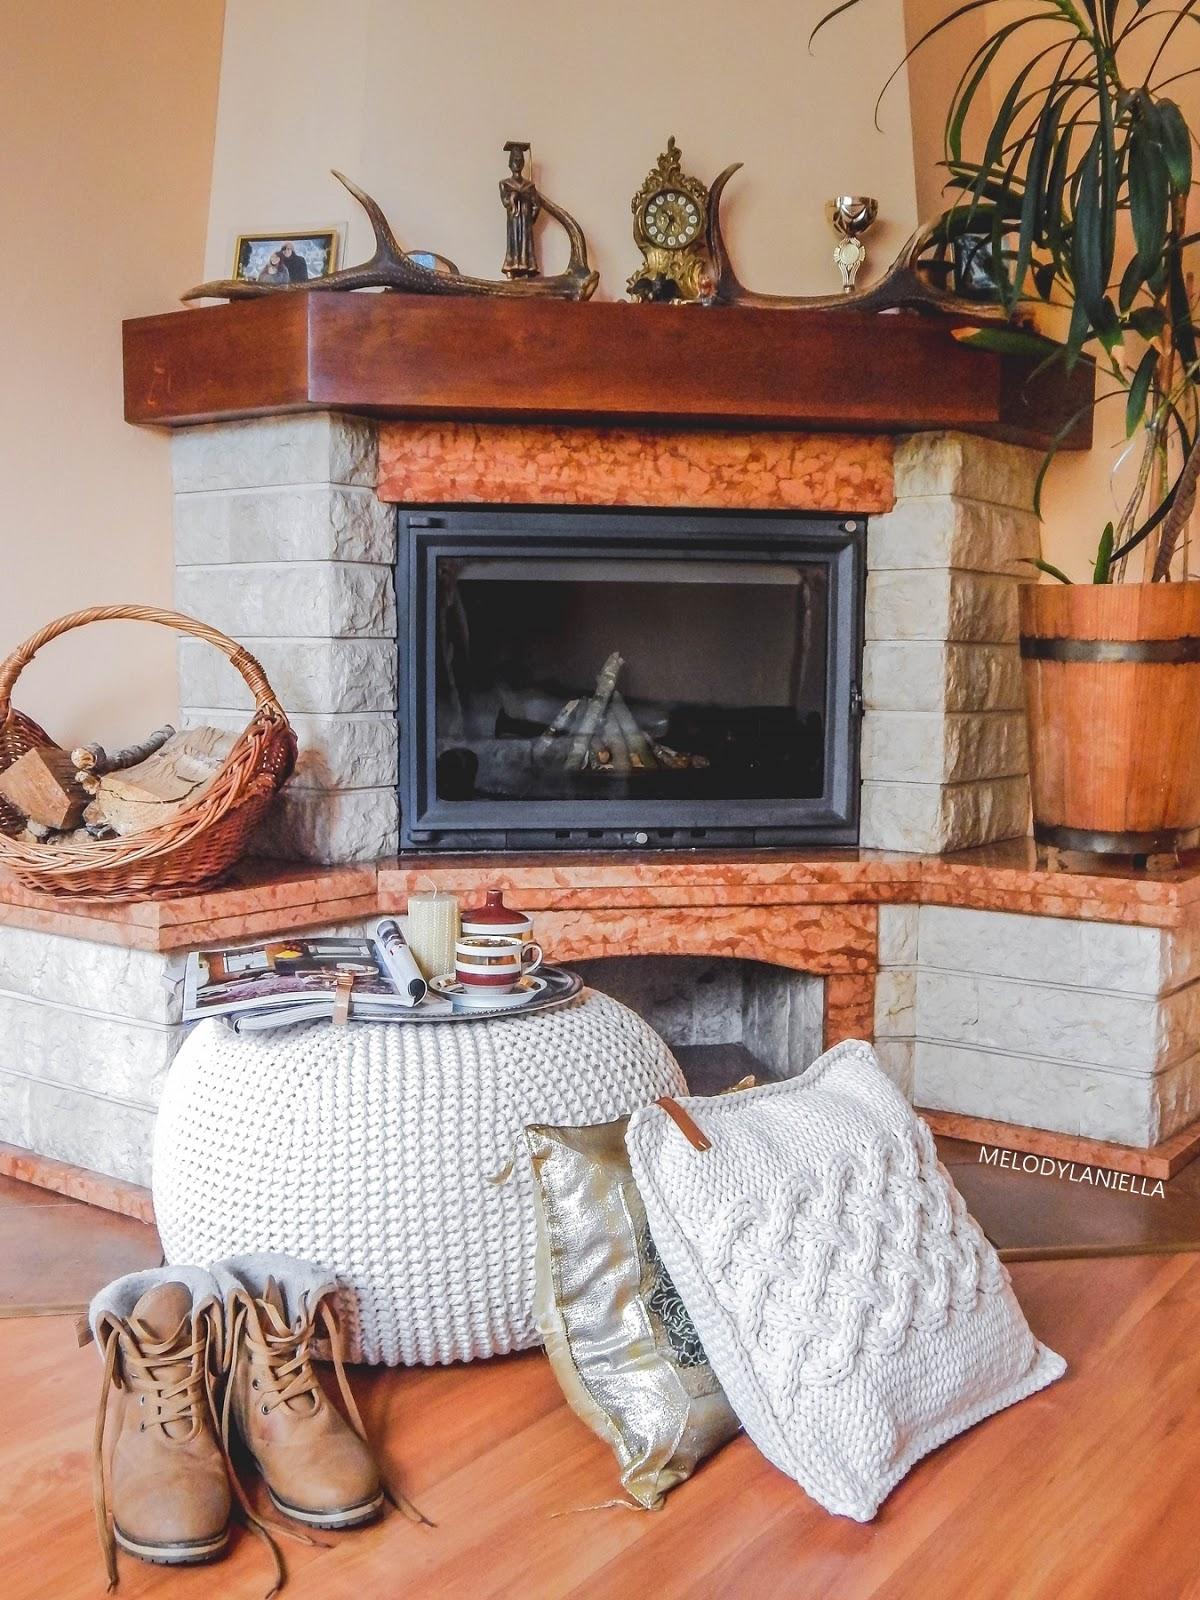 8 filo loop pomysł na biznes iwona trocka pufy poduszki warsztaty handmade robienia na drutach pledy koce shoper bag ze sznurka pomysł na prezent wystrój wnętrz design dodatki do mieszkań i domów handmade